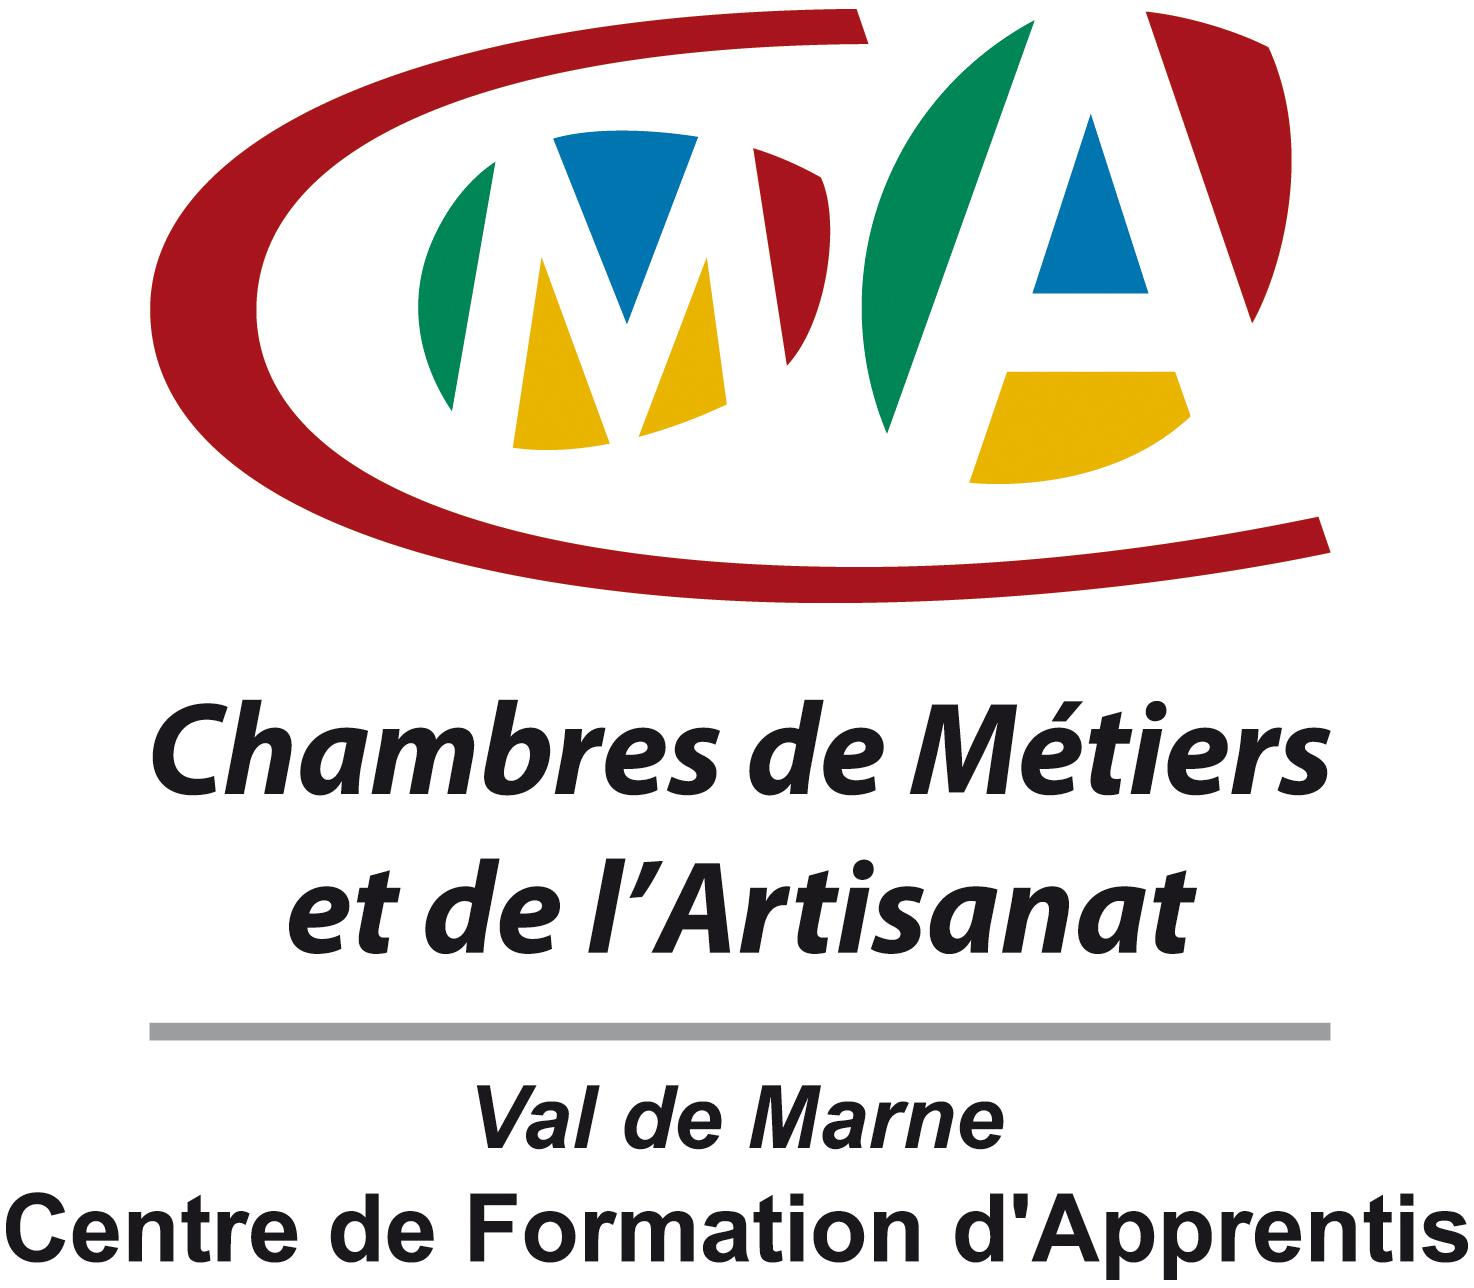 CMA94 - Chambres de Métiers et de l'Artisanat de Val de Marne